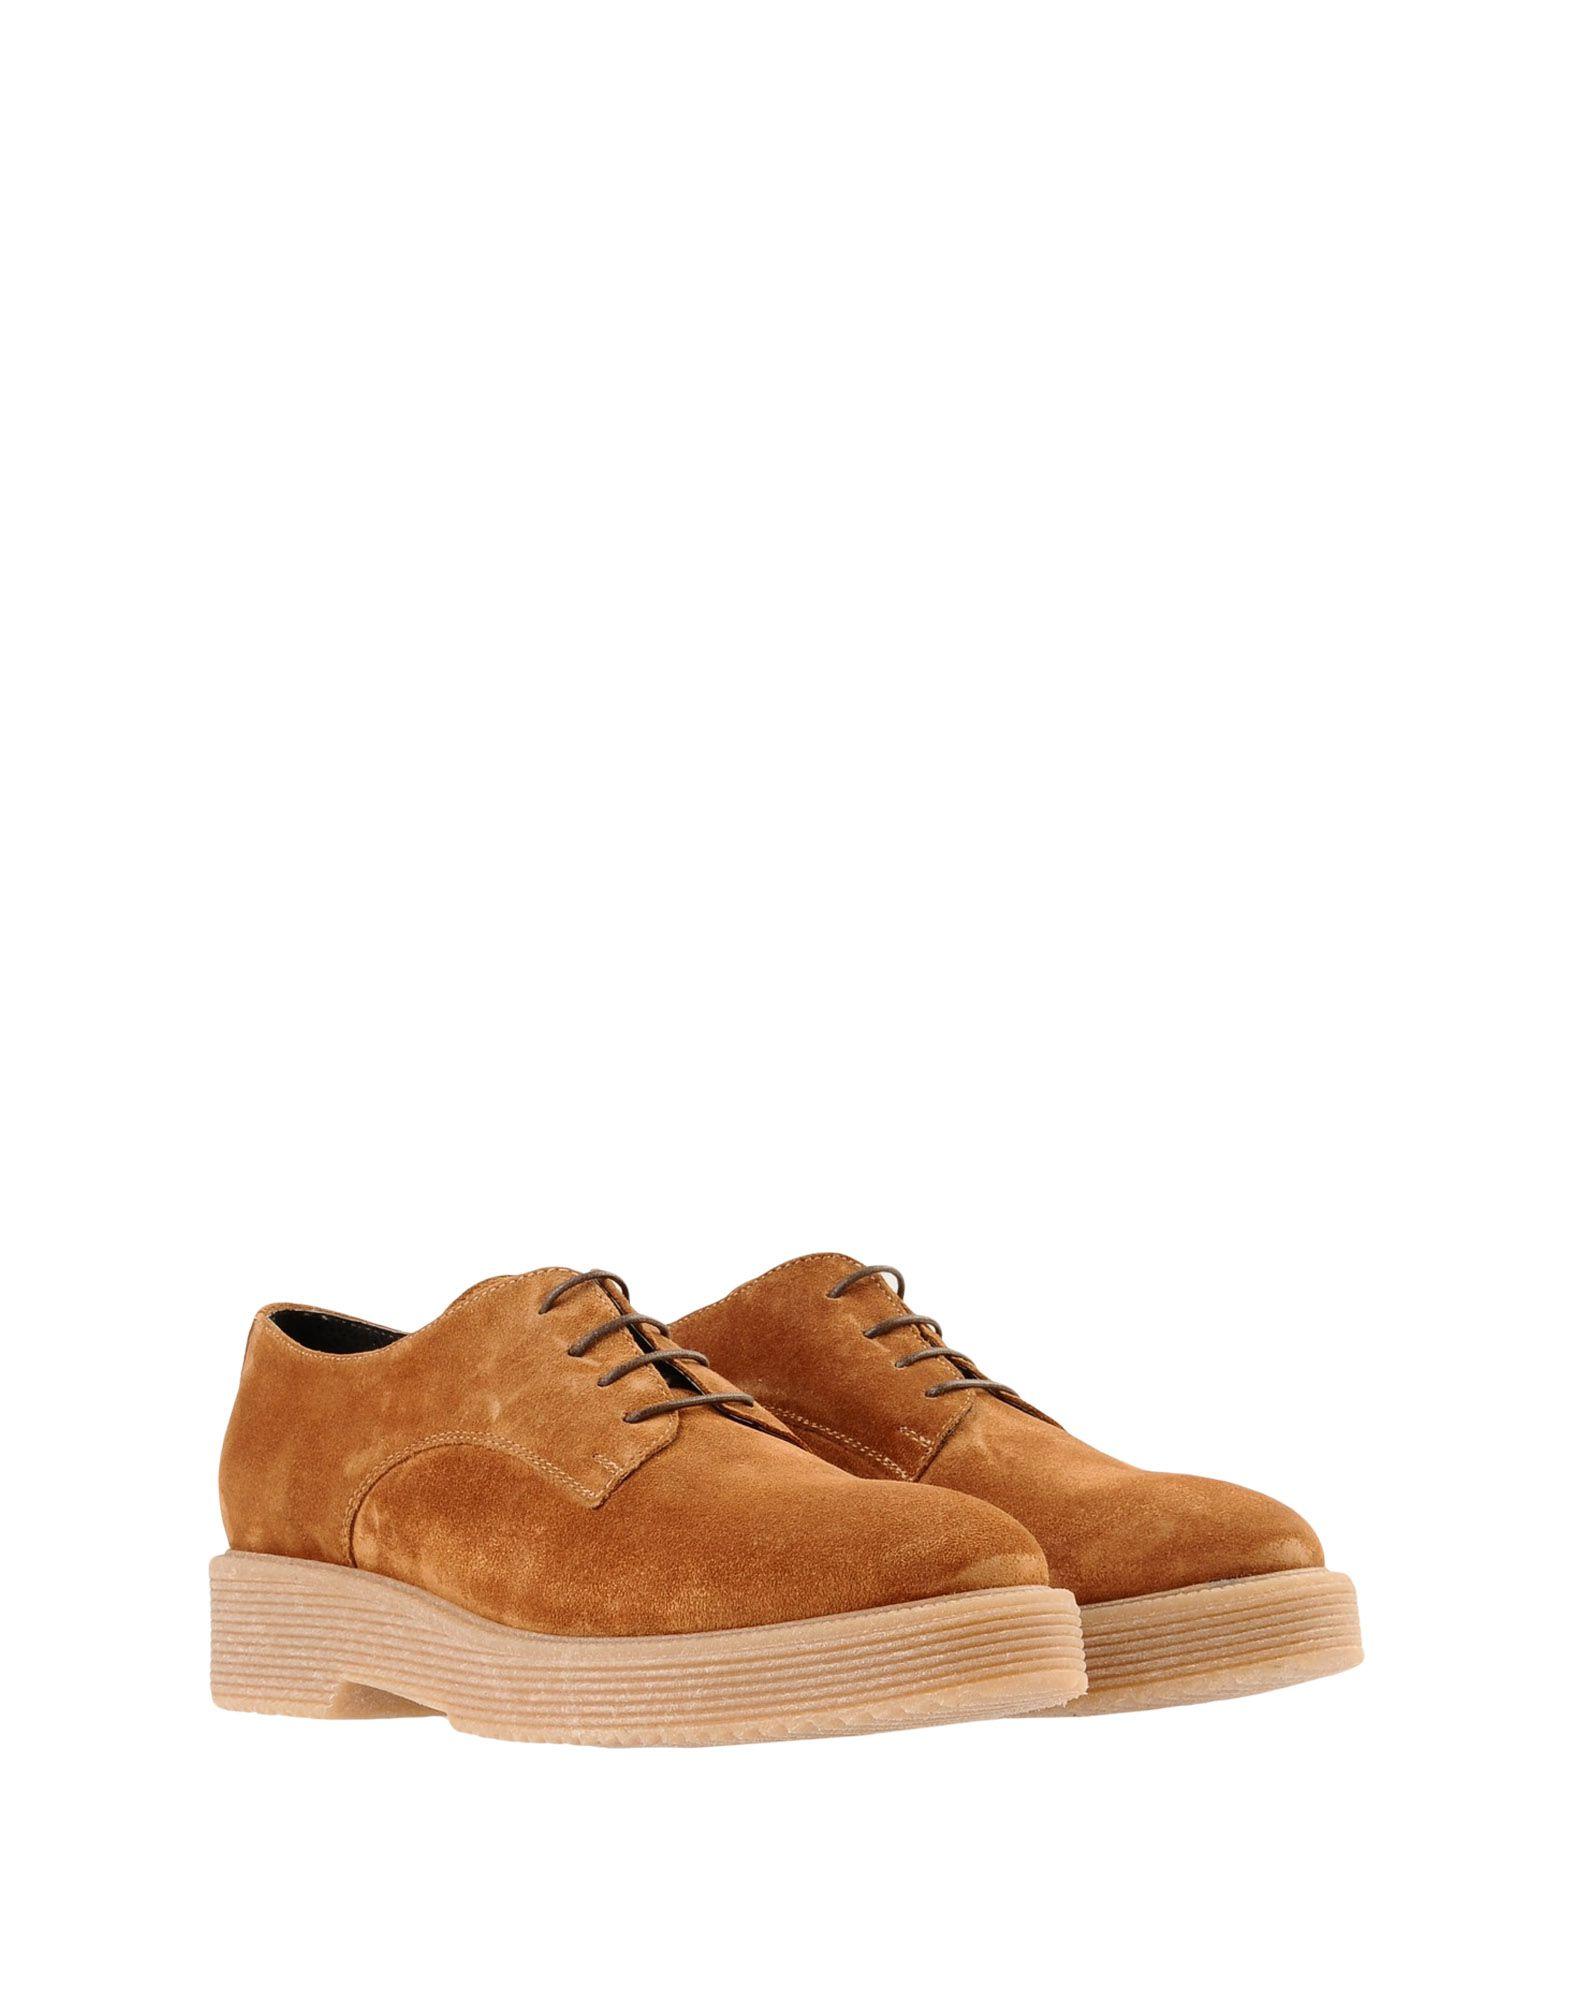 George George George J. Love Schnürschuhe Damen  11538429LX Gute Qualität beliebte Schuhe acefc9